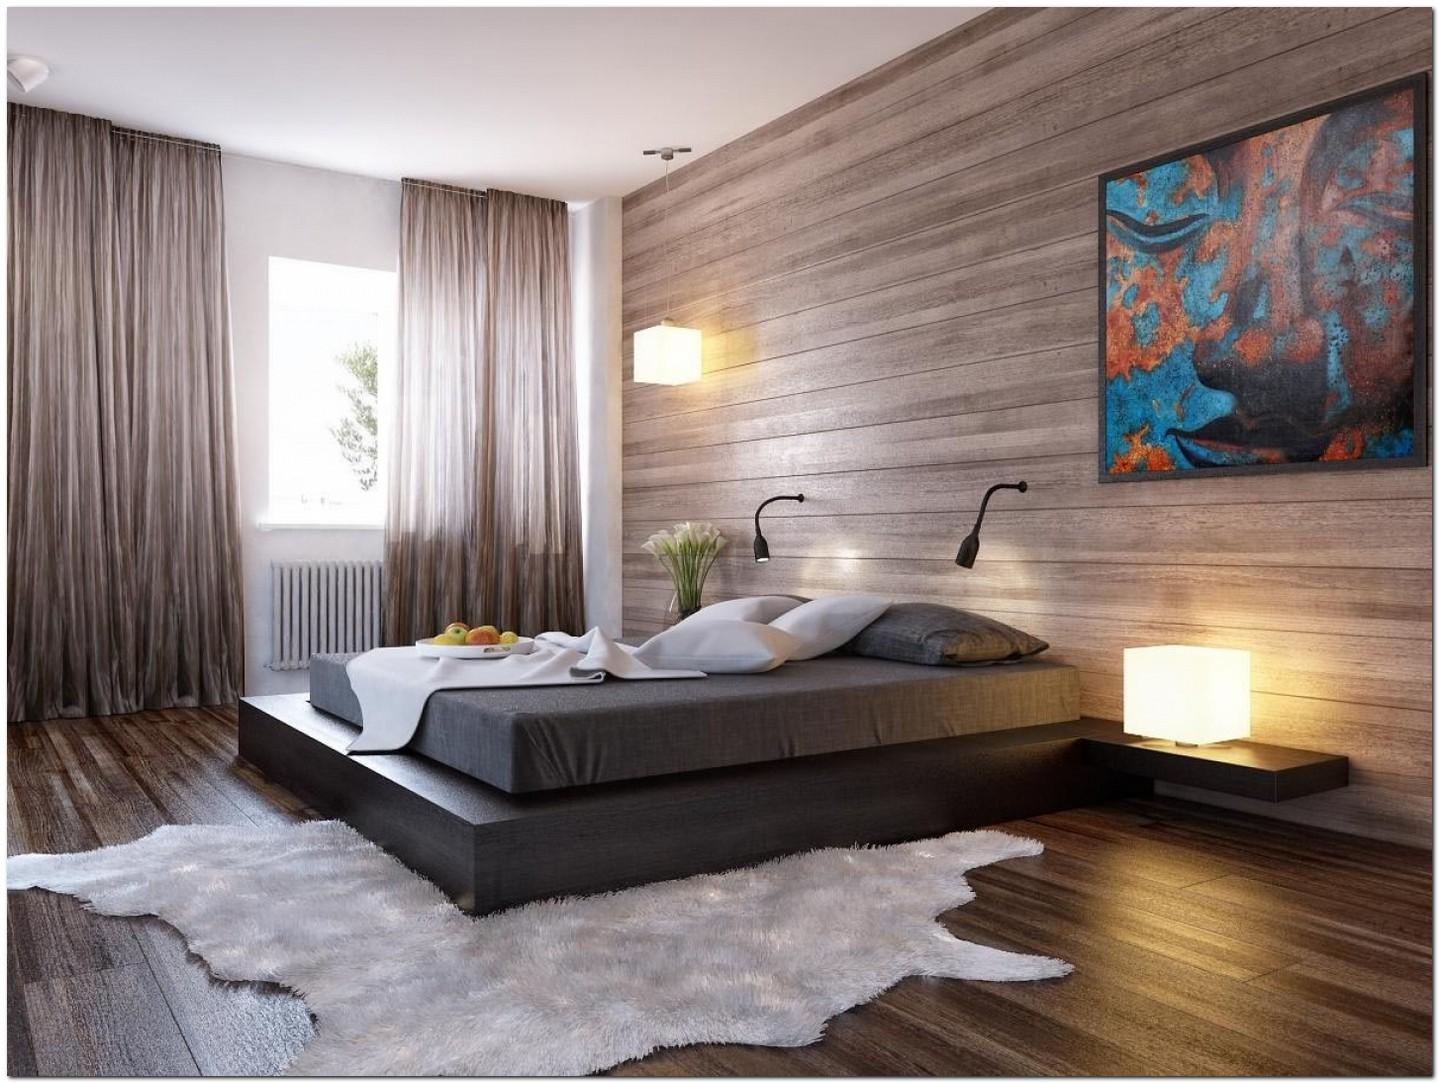 Интерьер обои в спальне фото